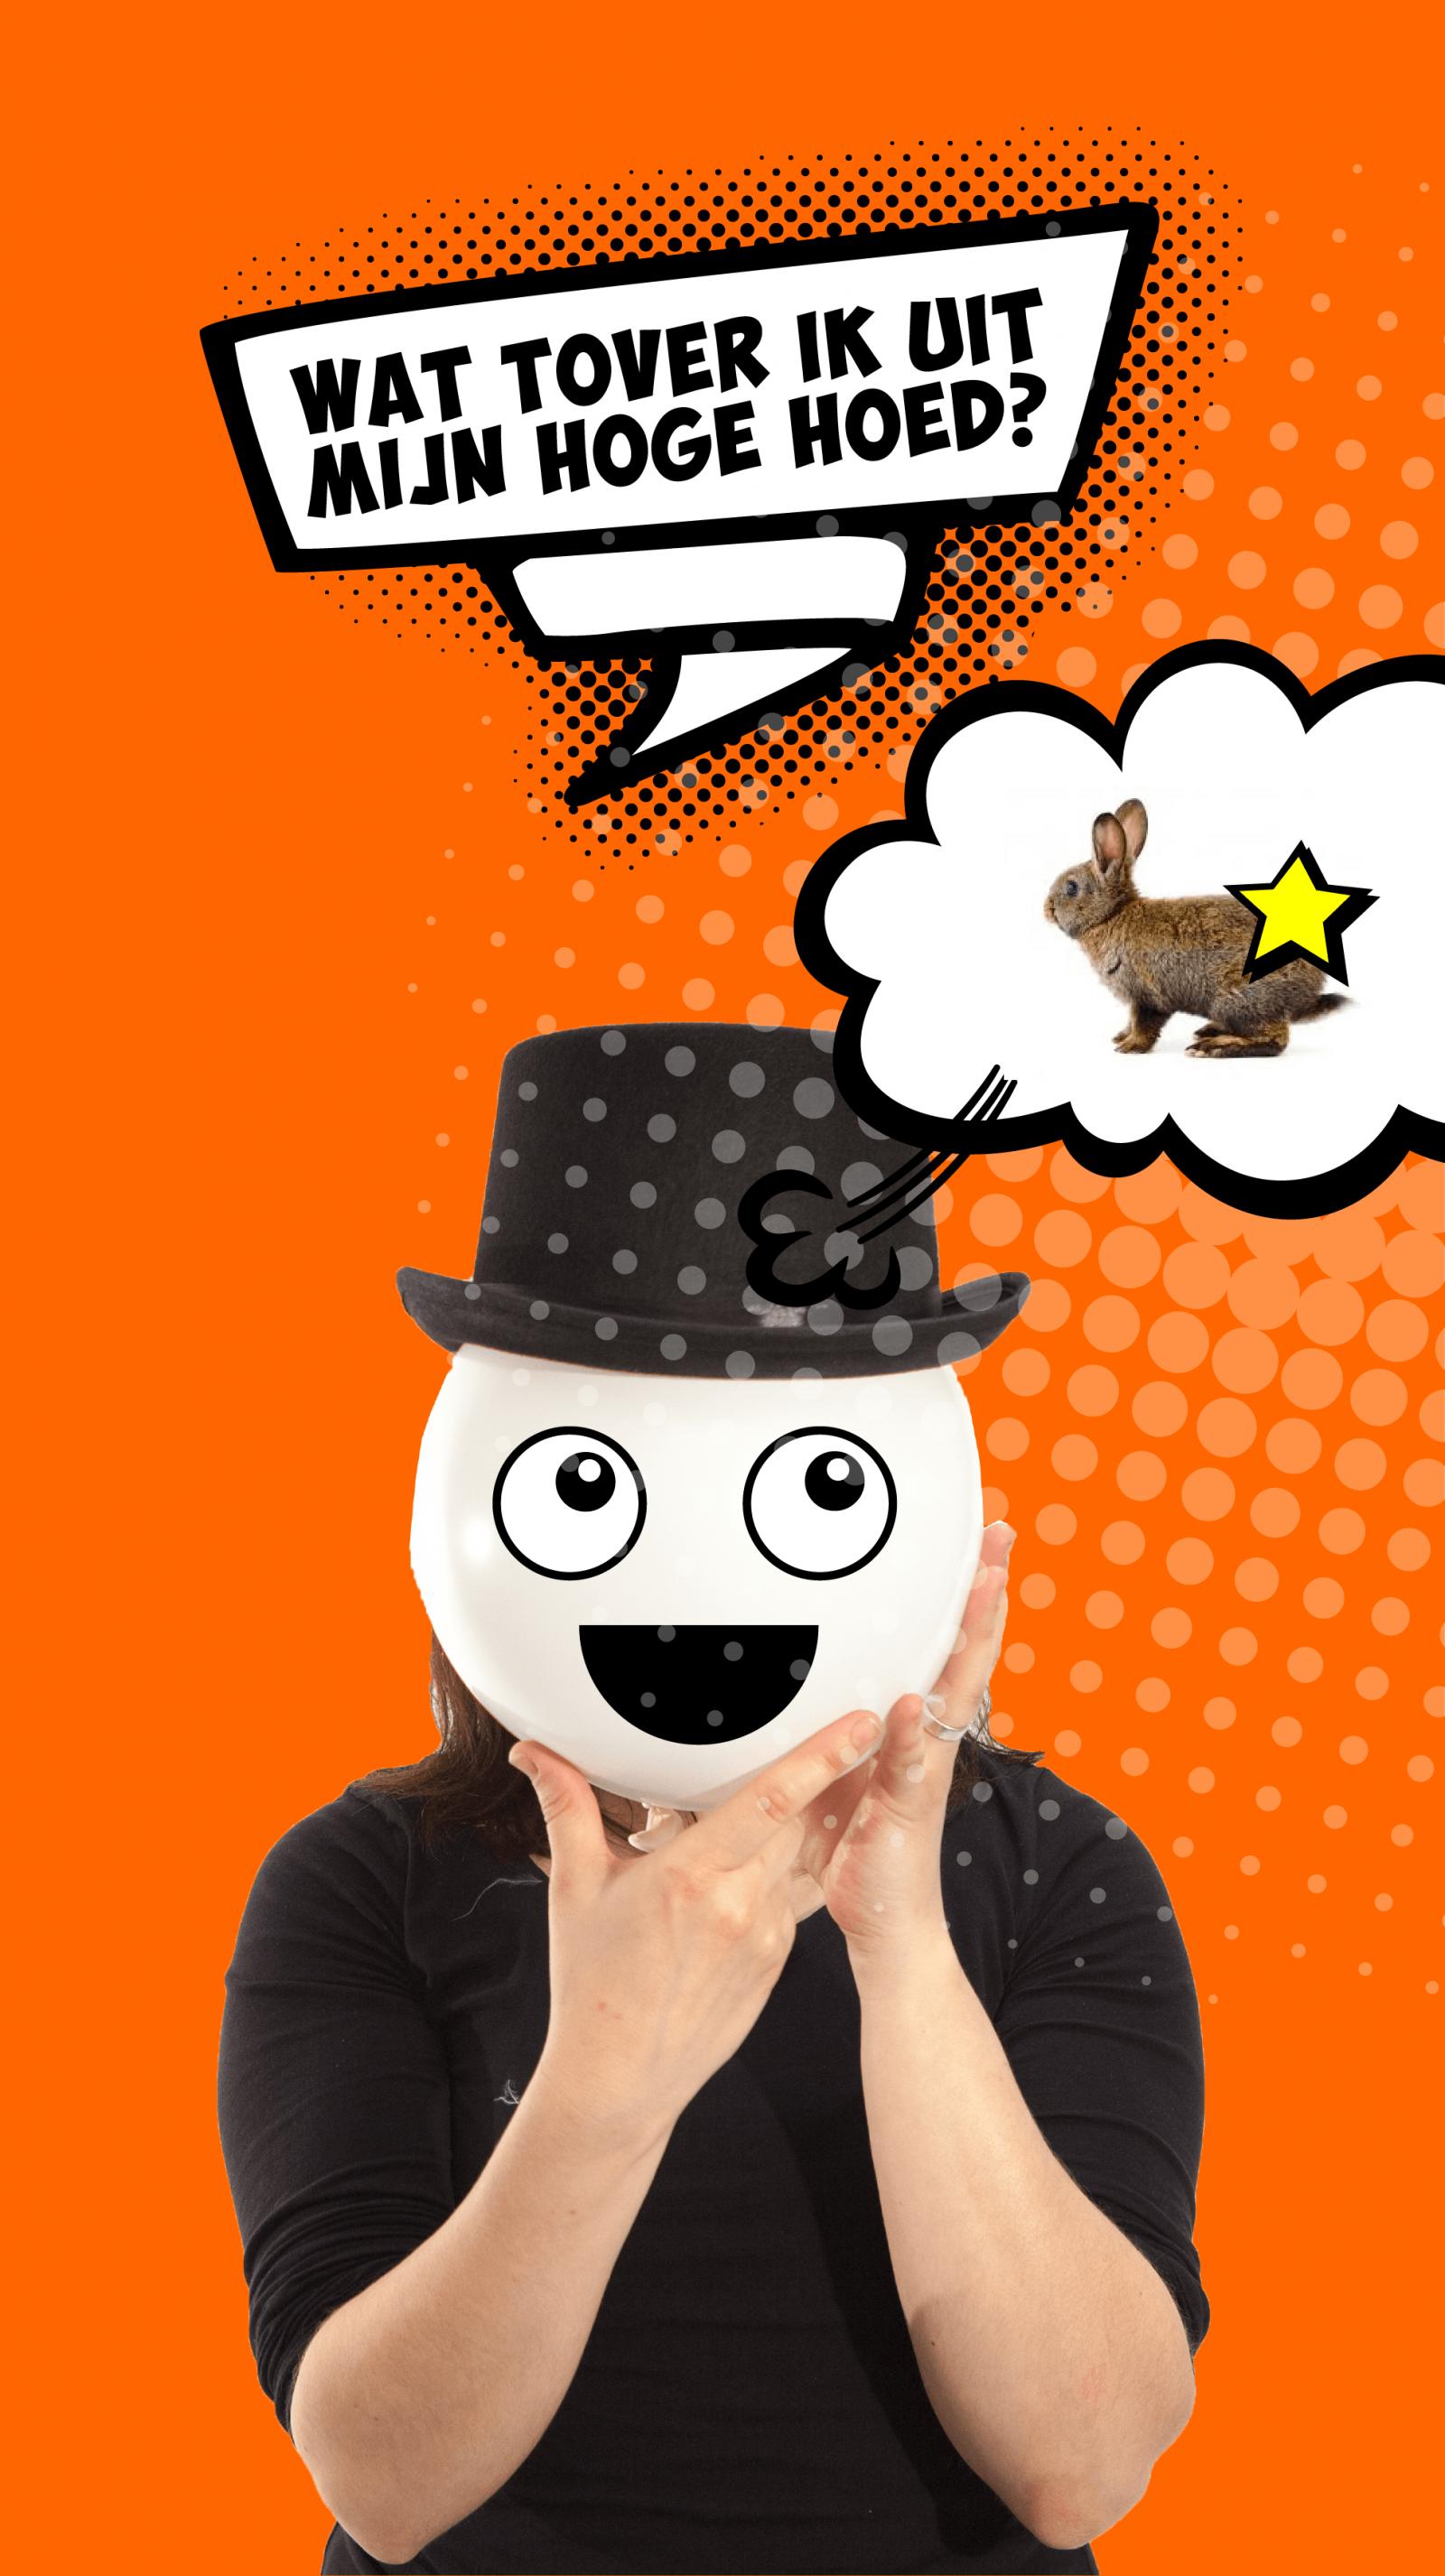 Leuke goocheltrucs voor kids & grote tovenaars vind je bij KOORN & CO uit Rotterdam